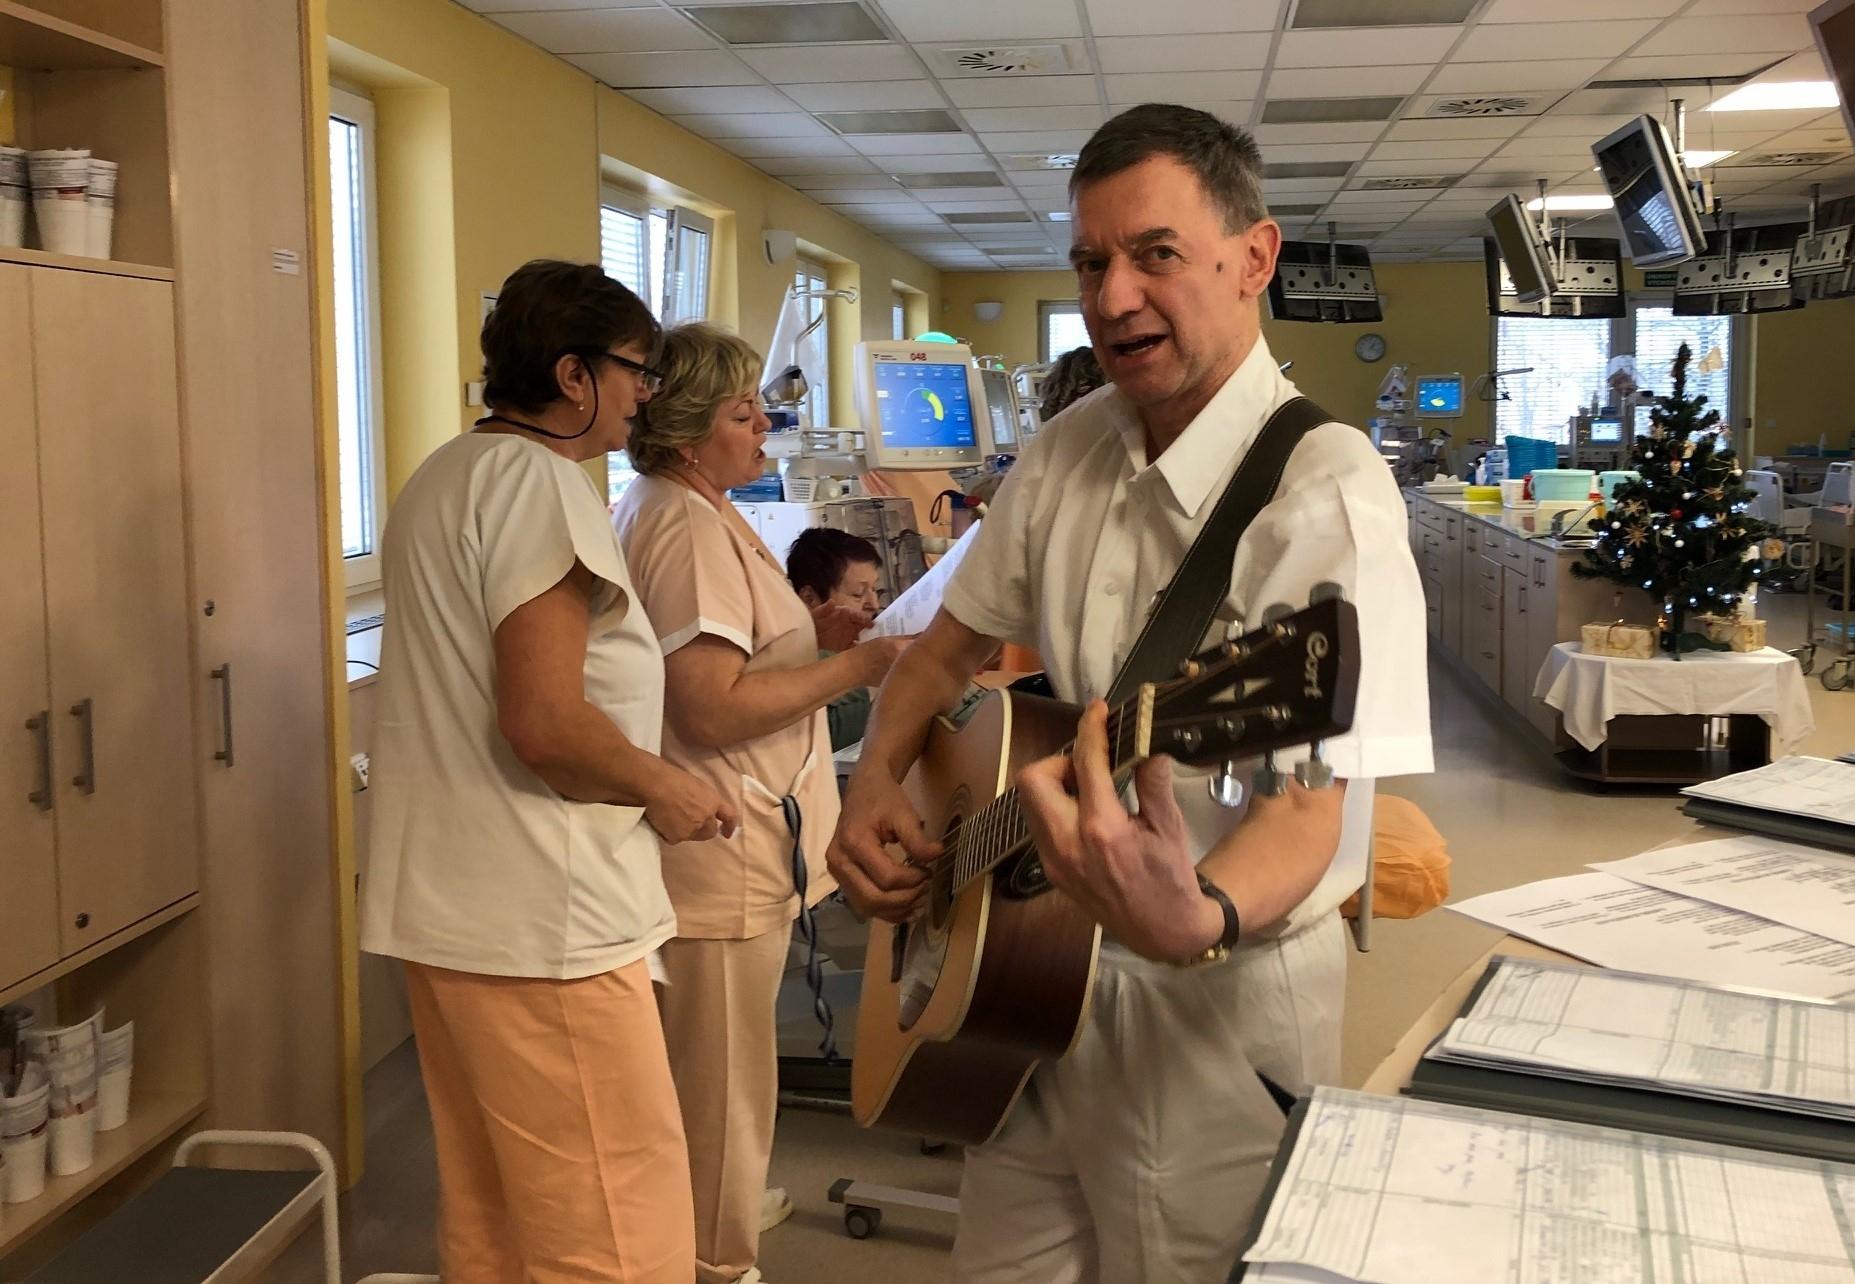 MUDr. Petr Schlemmer, primář Dialýzy Šumperk, zpíval se svým kolektivem koledy pacientům zdroj foto: Agel